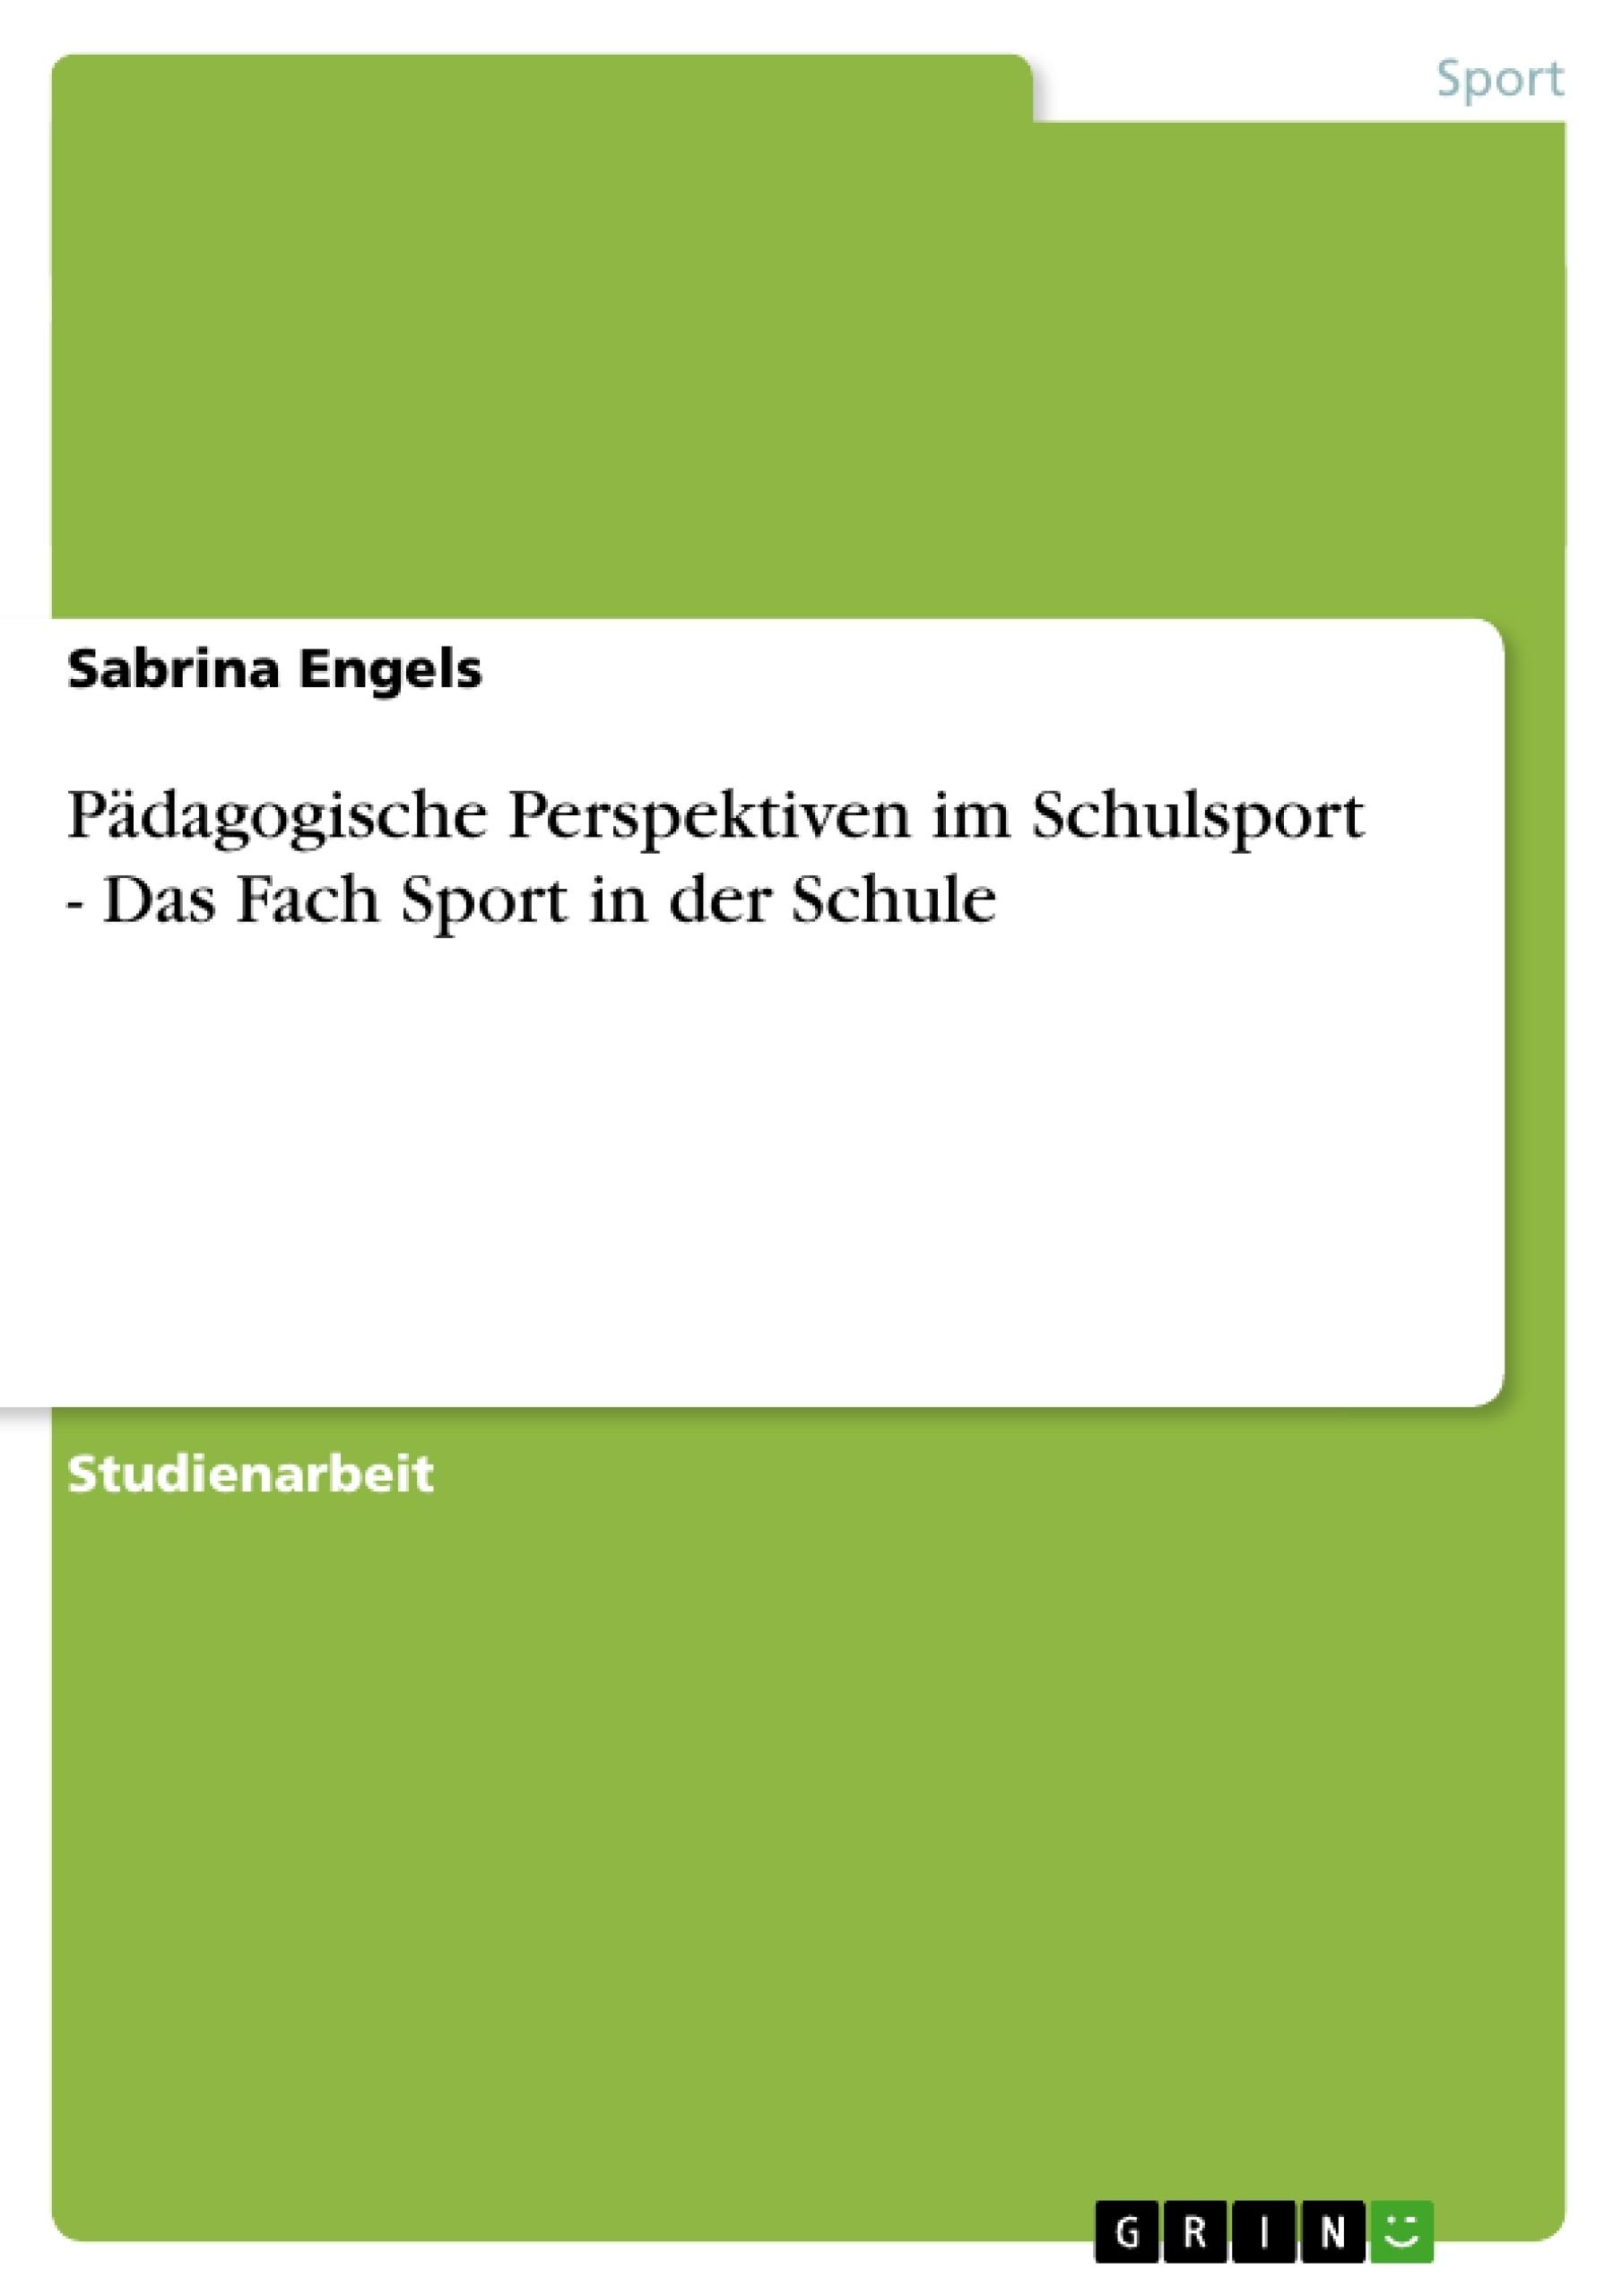 Titel: Pädagogische Perspektiven im Schulsport - Das Fach Sport in der Schule